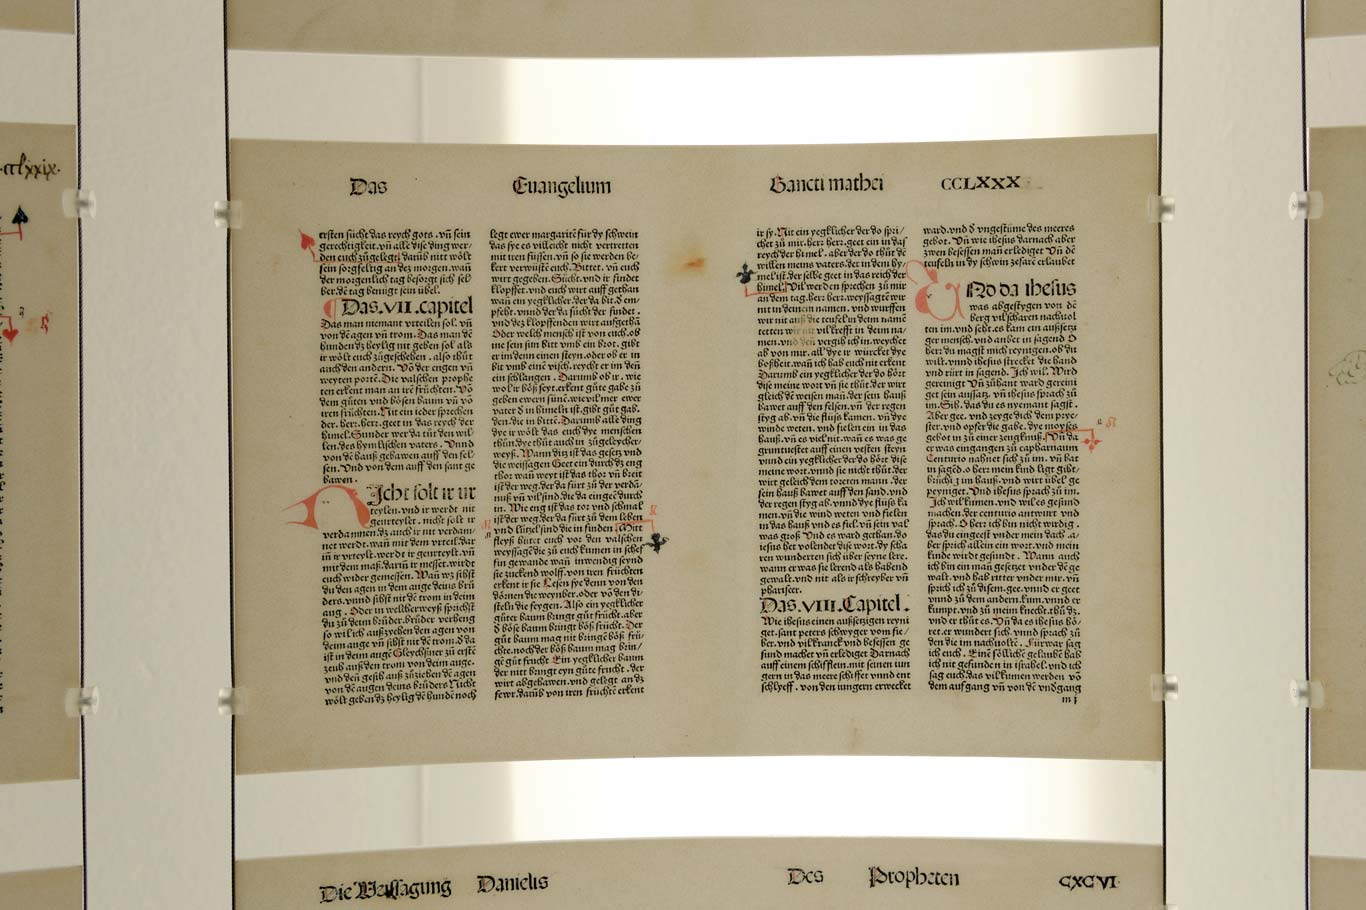 Das Grundelement: eine gekrümmte Tafel mit Darstellung einer Doppelseite